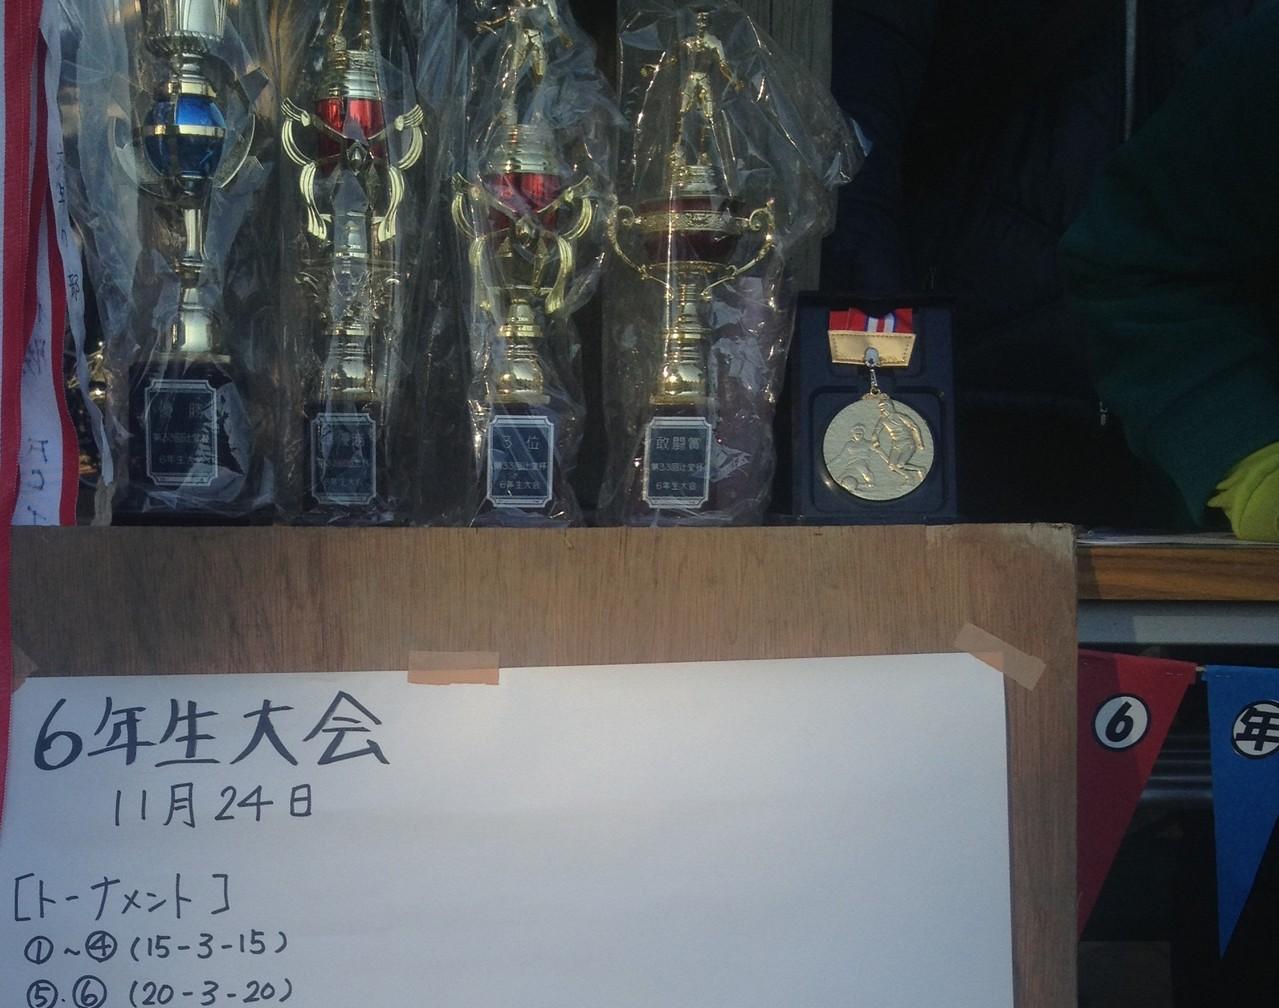 辻堂杯 U-12(6年生)